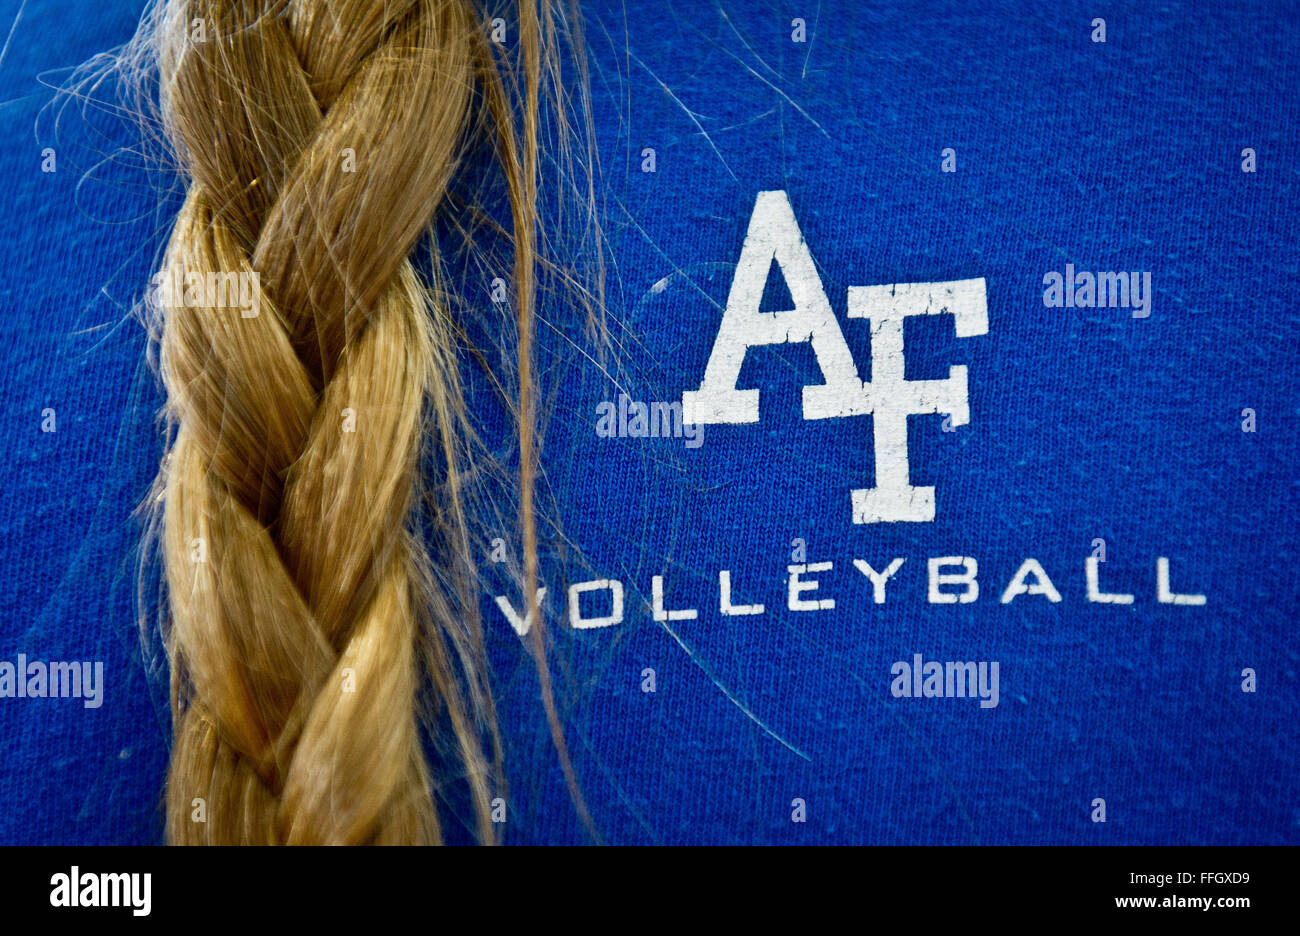 Dieciséis mujeres ensayaron para la Fuerza Aérea equipo de voleibol femenino, y los 11 mejores fueron seleccionados Foto de stock